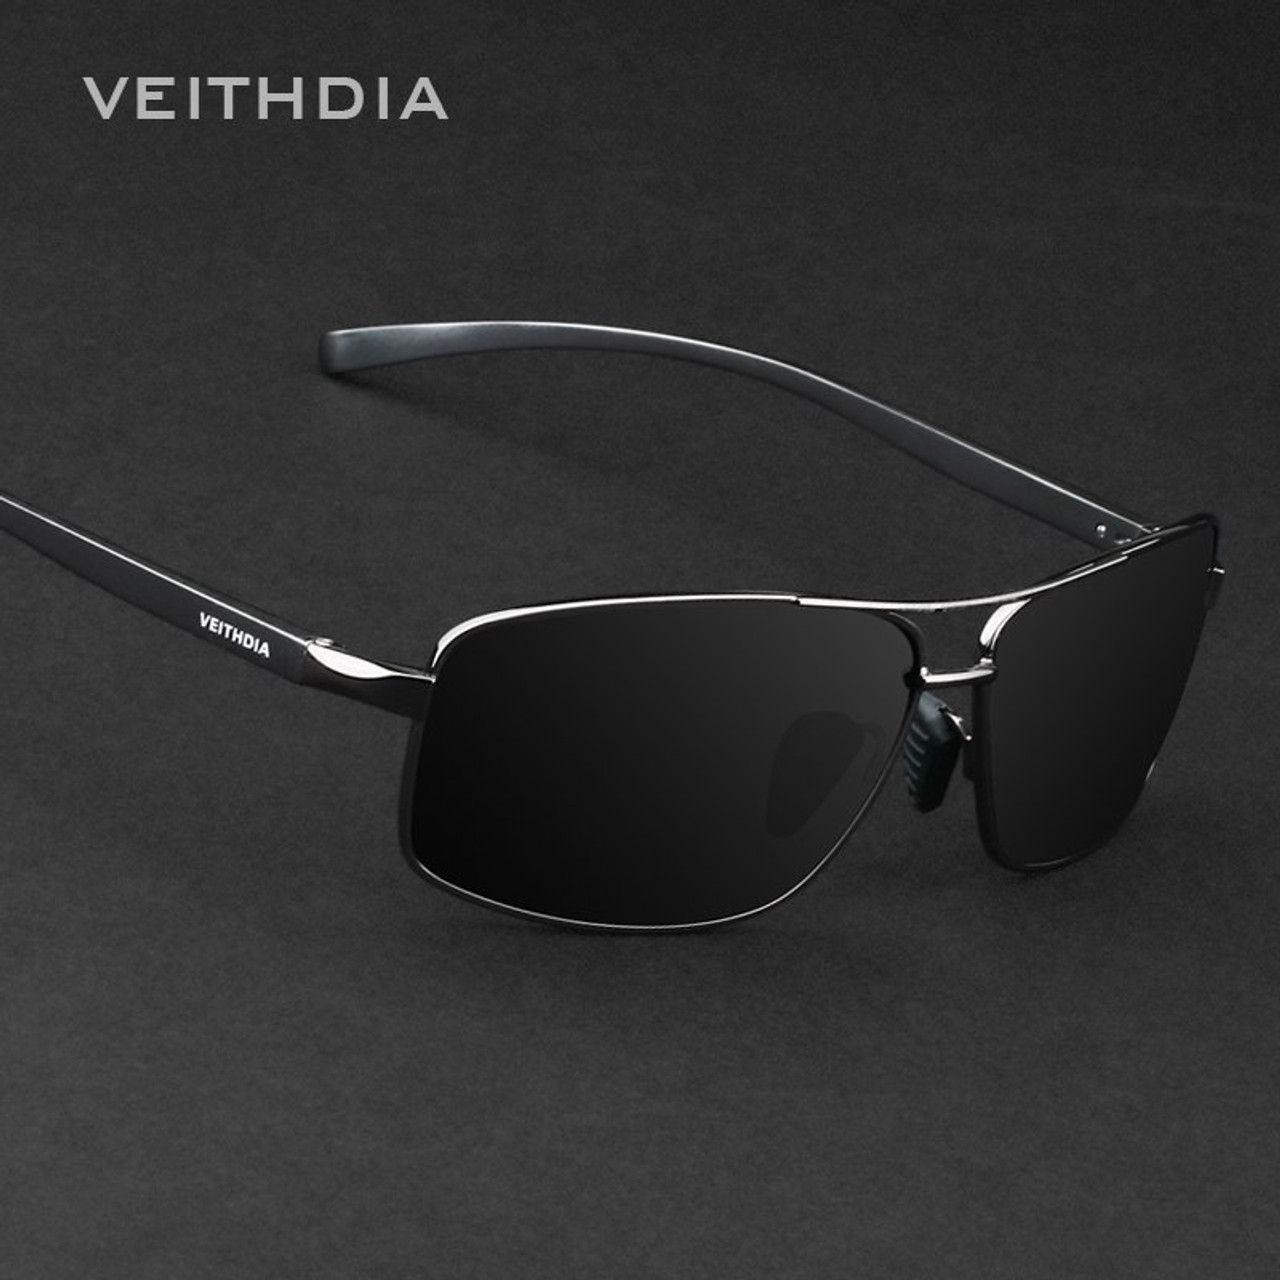 Sunglasses Driving Men's Sun For Eyewear Best Polarized Accessories Lens Glasses 2458 Veithdia Men Alloy Brand deCBorx